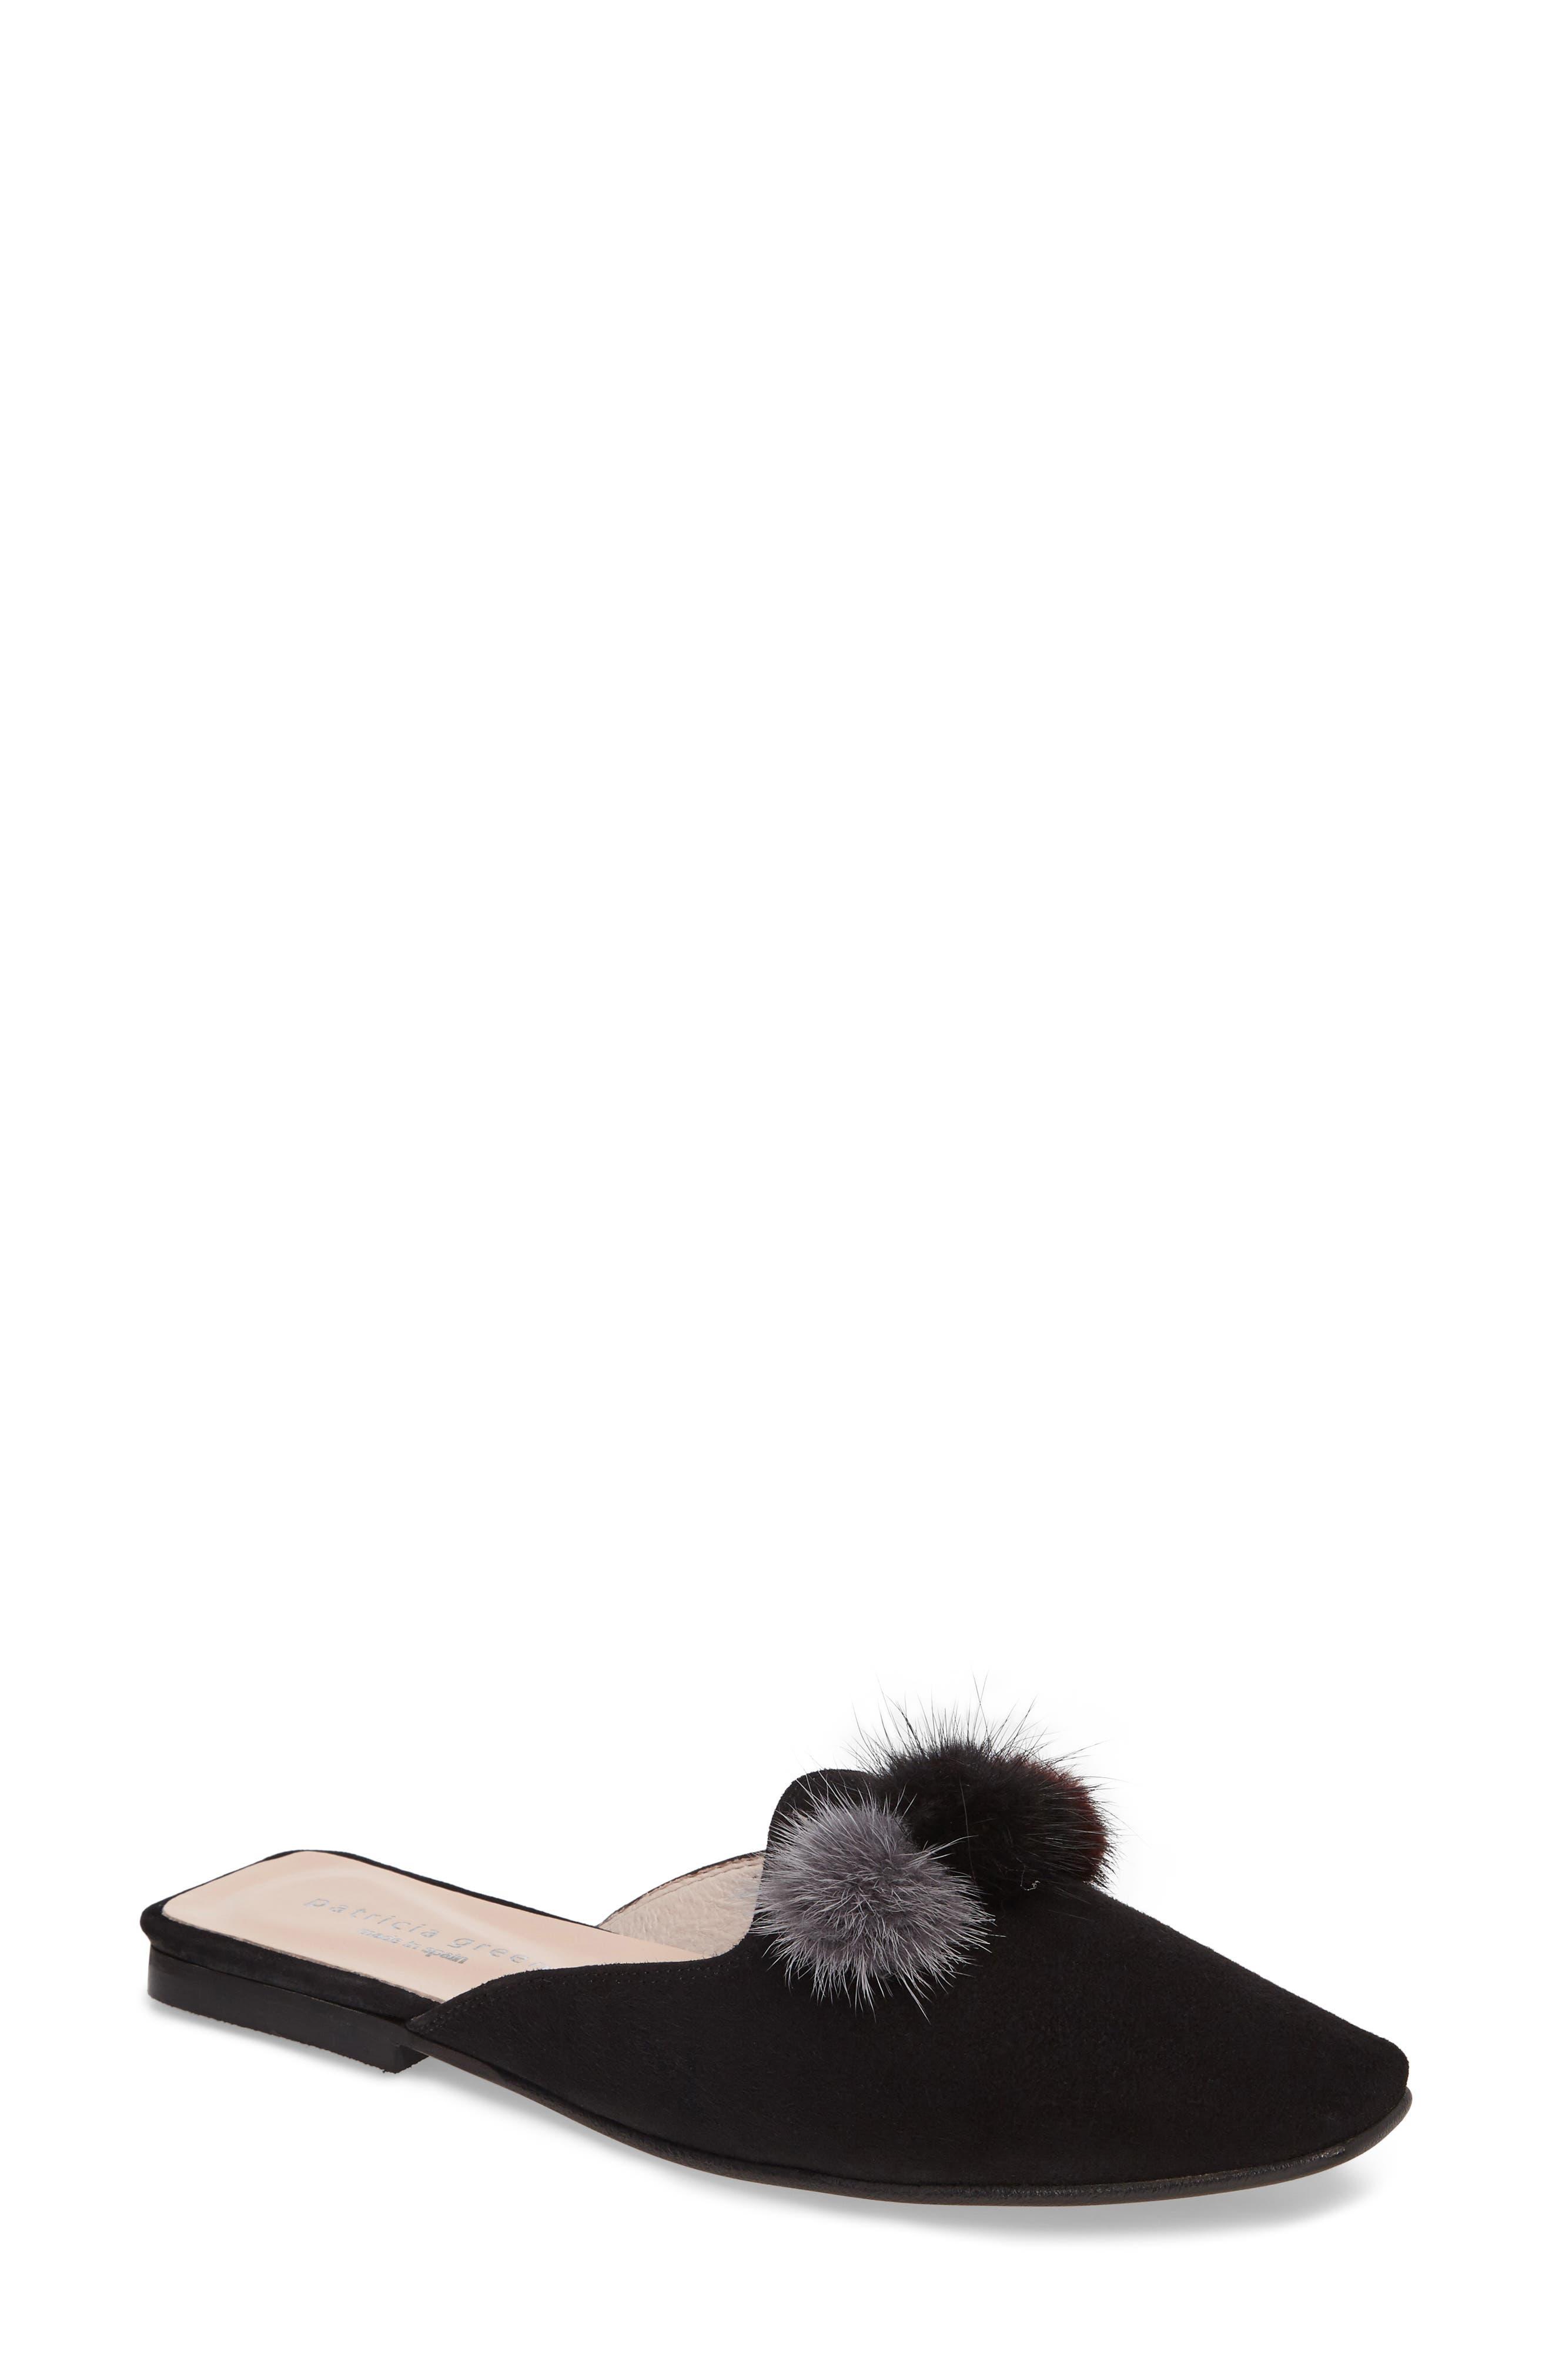 patricia green Cerise Genuine Fur Mule (Women)